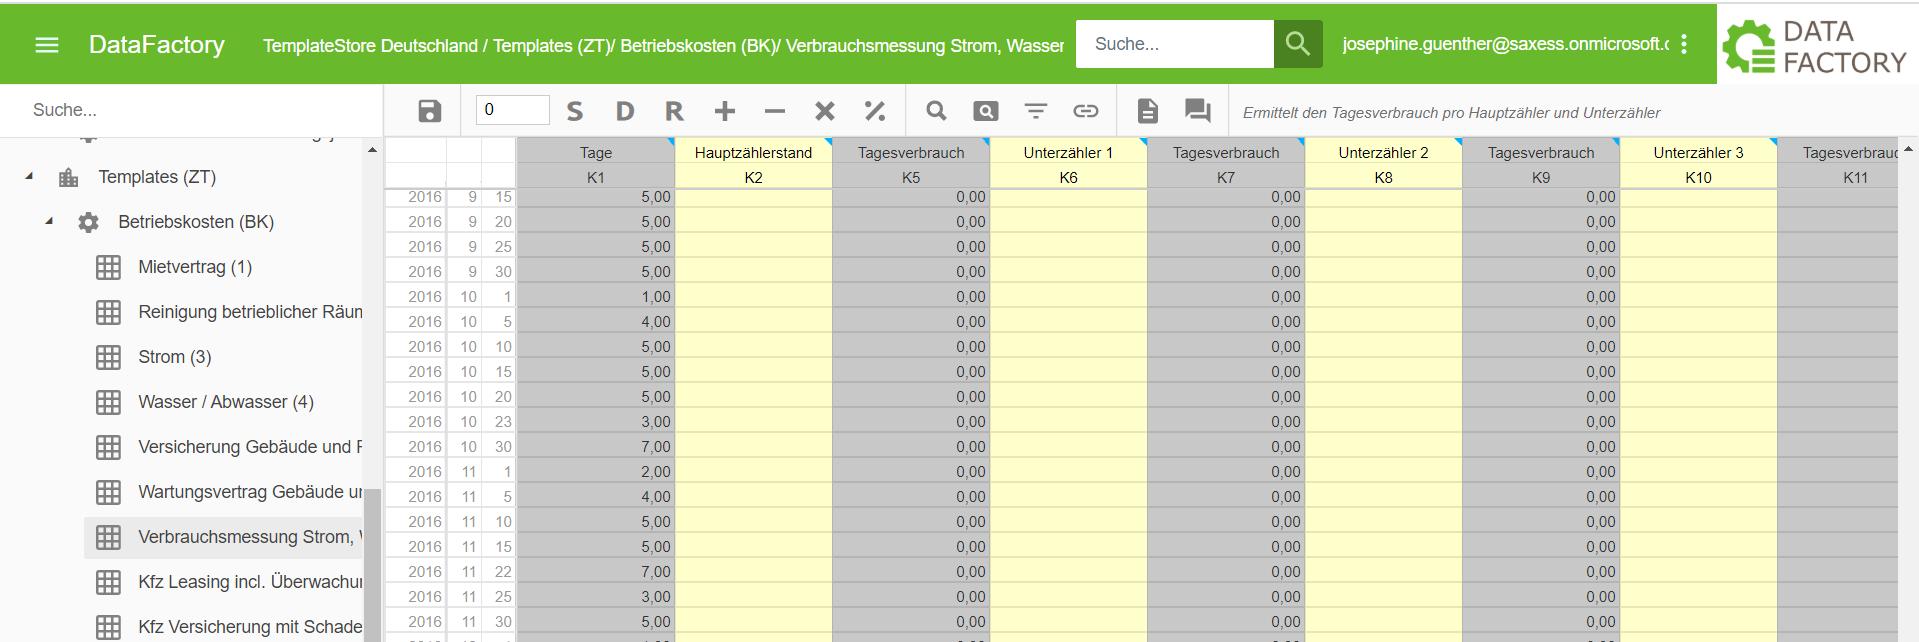 Datafactory-Vertragsmanagement-Templates